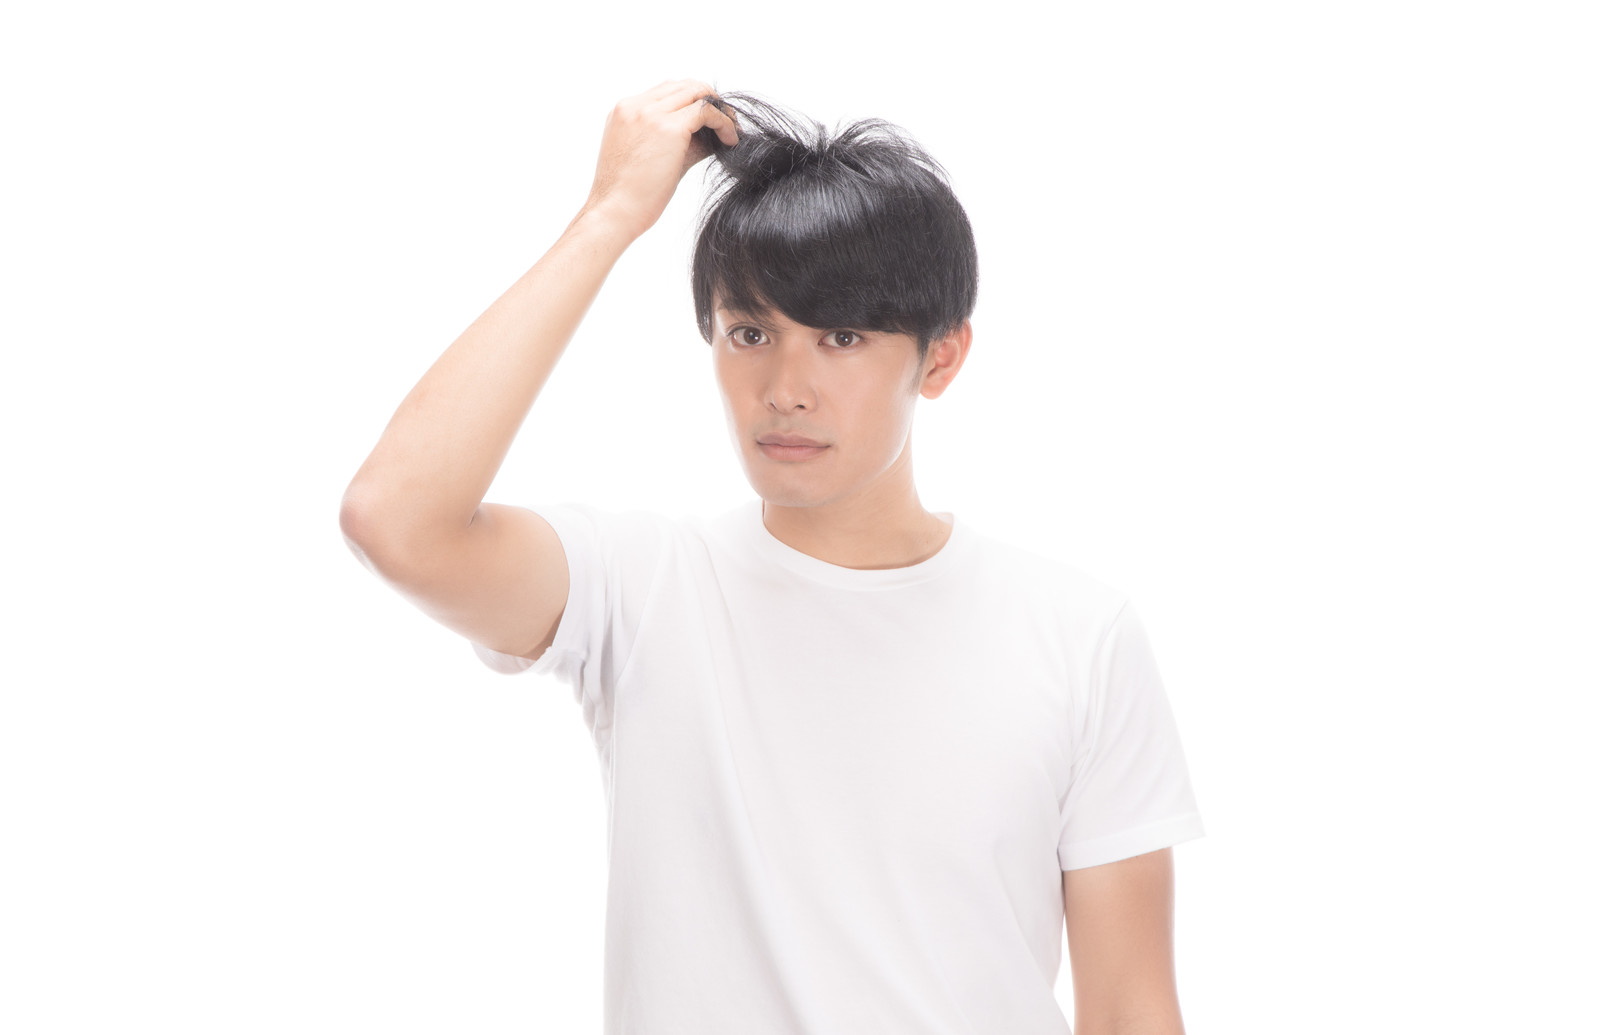 髪の毛を気にする男性